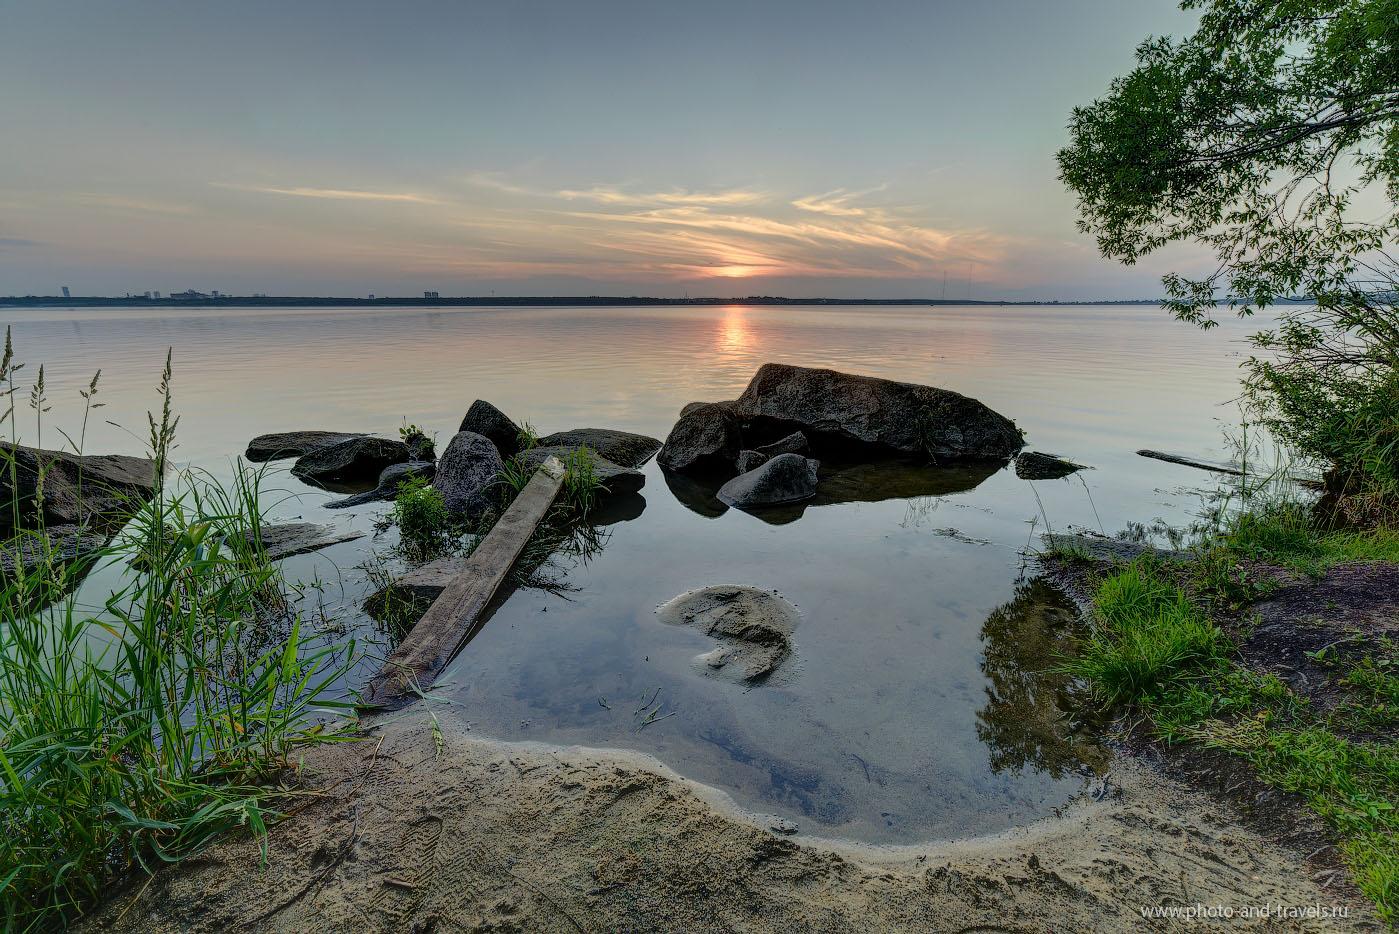 Фото 13. Еще один пейзаж, снятый при ручной фокусировке. ХДР из трех кадров. Фотоаппарат Никон Д610. Объектив - Самъянг 14/2,8. Штатив Sirui T-2204X.